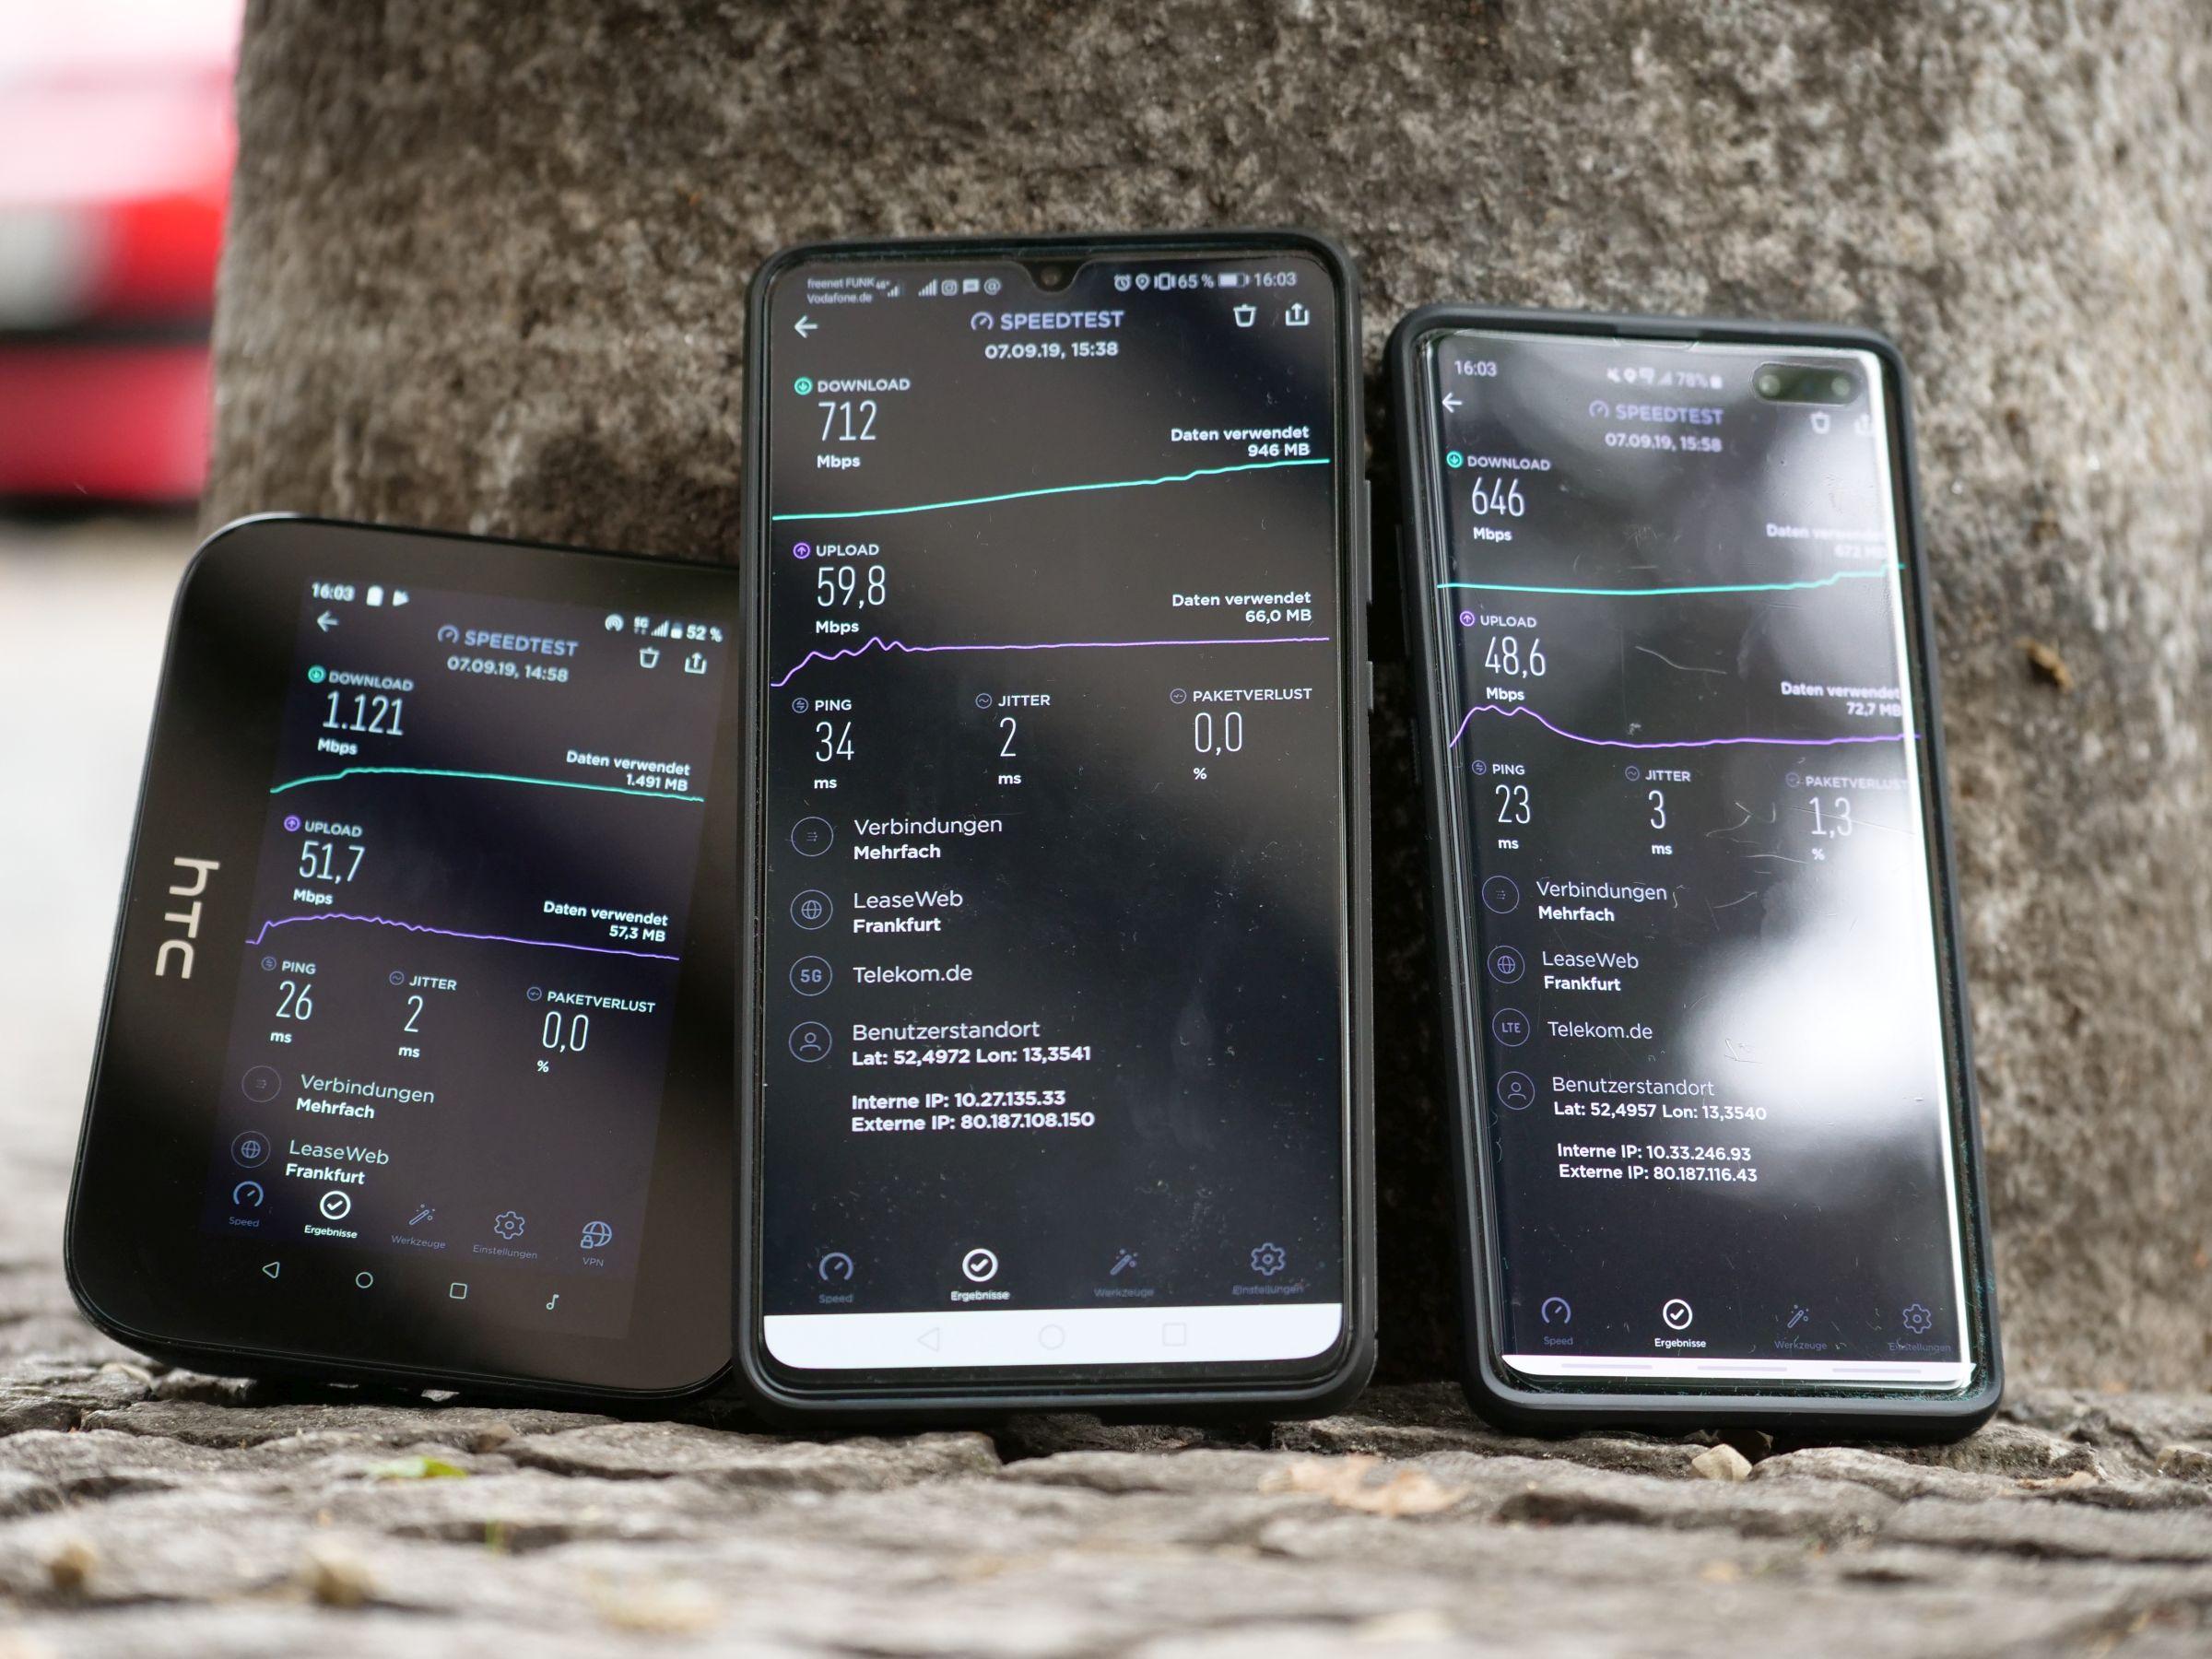 5G-Speed im Vergleich